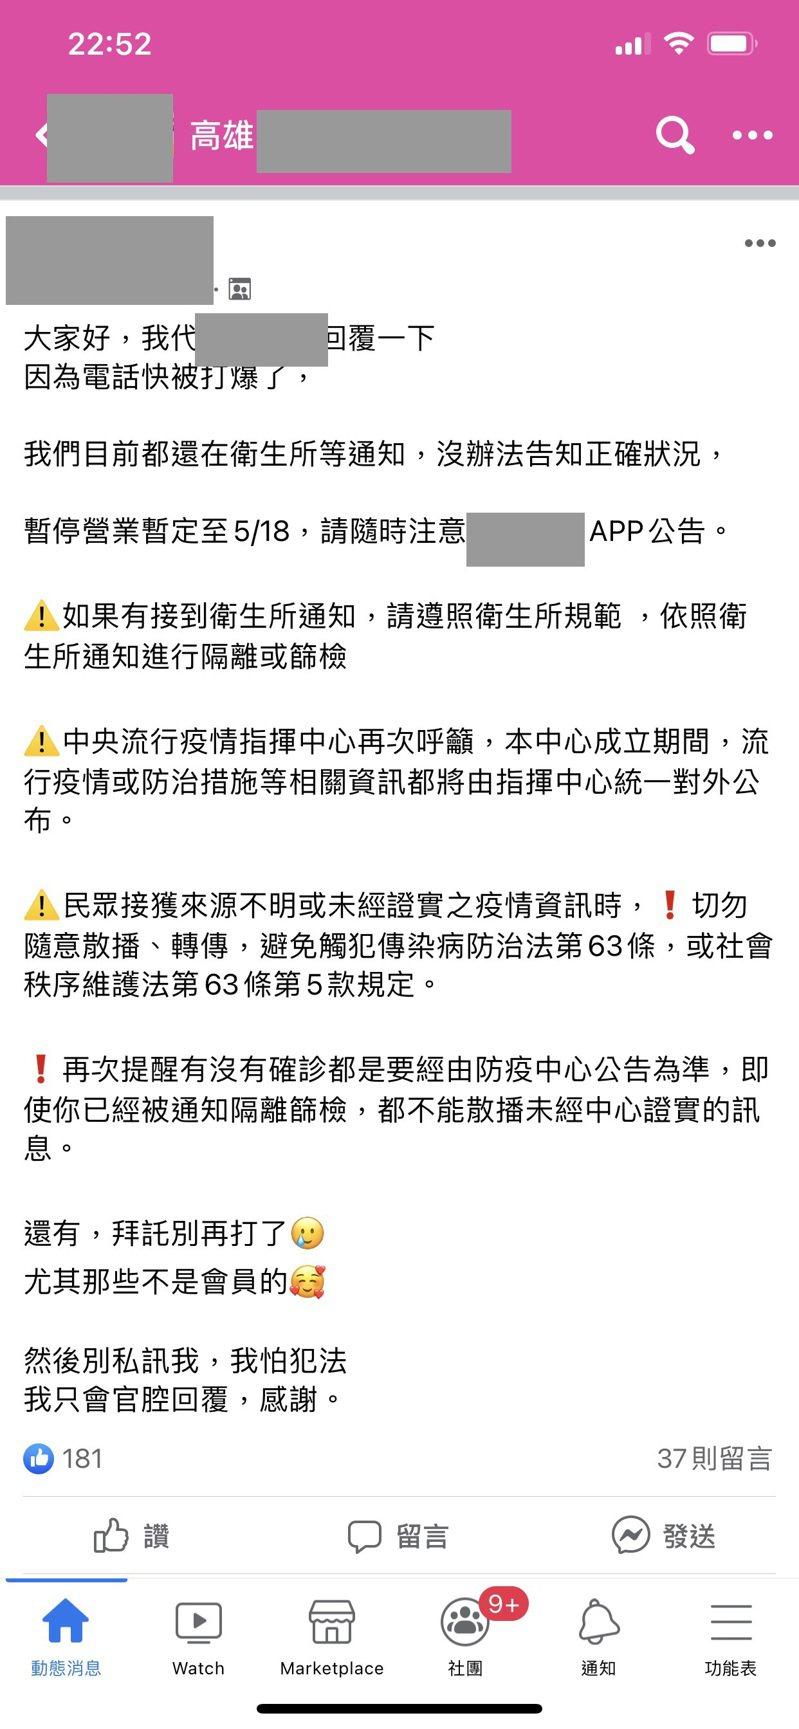 這家運動中心對外回應,暫停營業到5月18日。圖/翻攝自臉書粉專